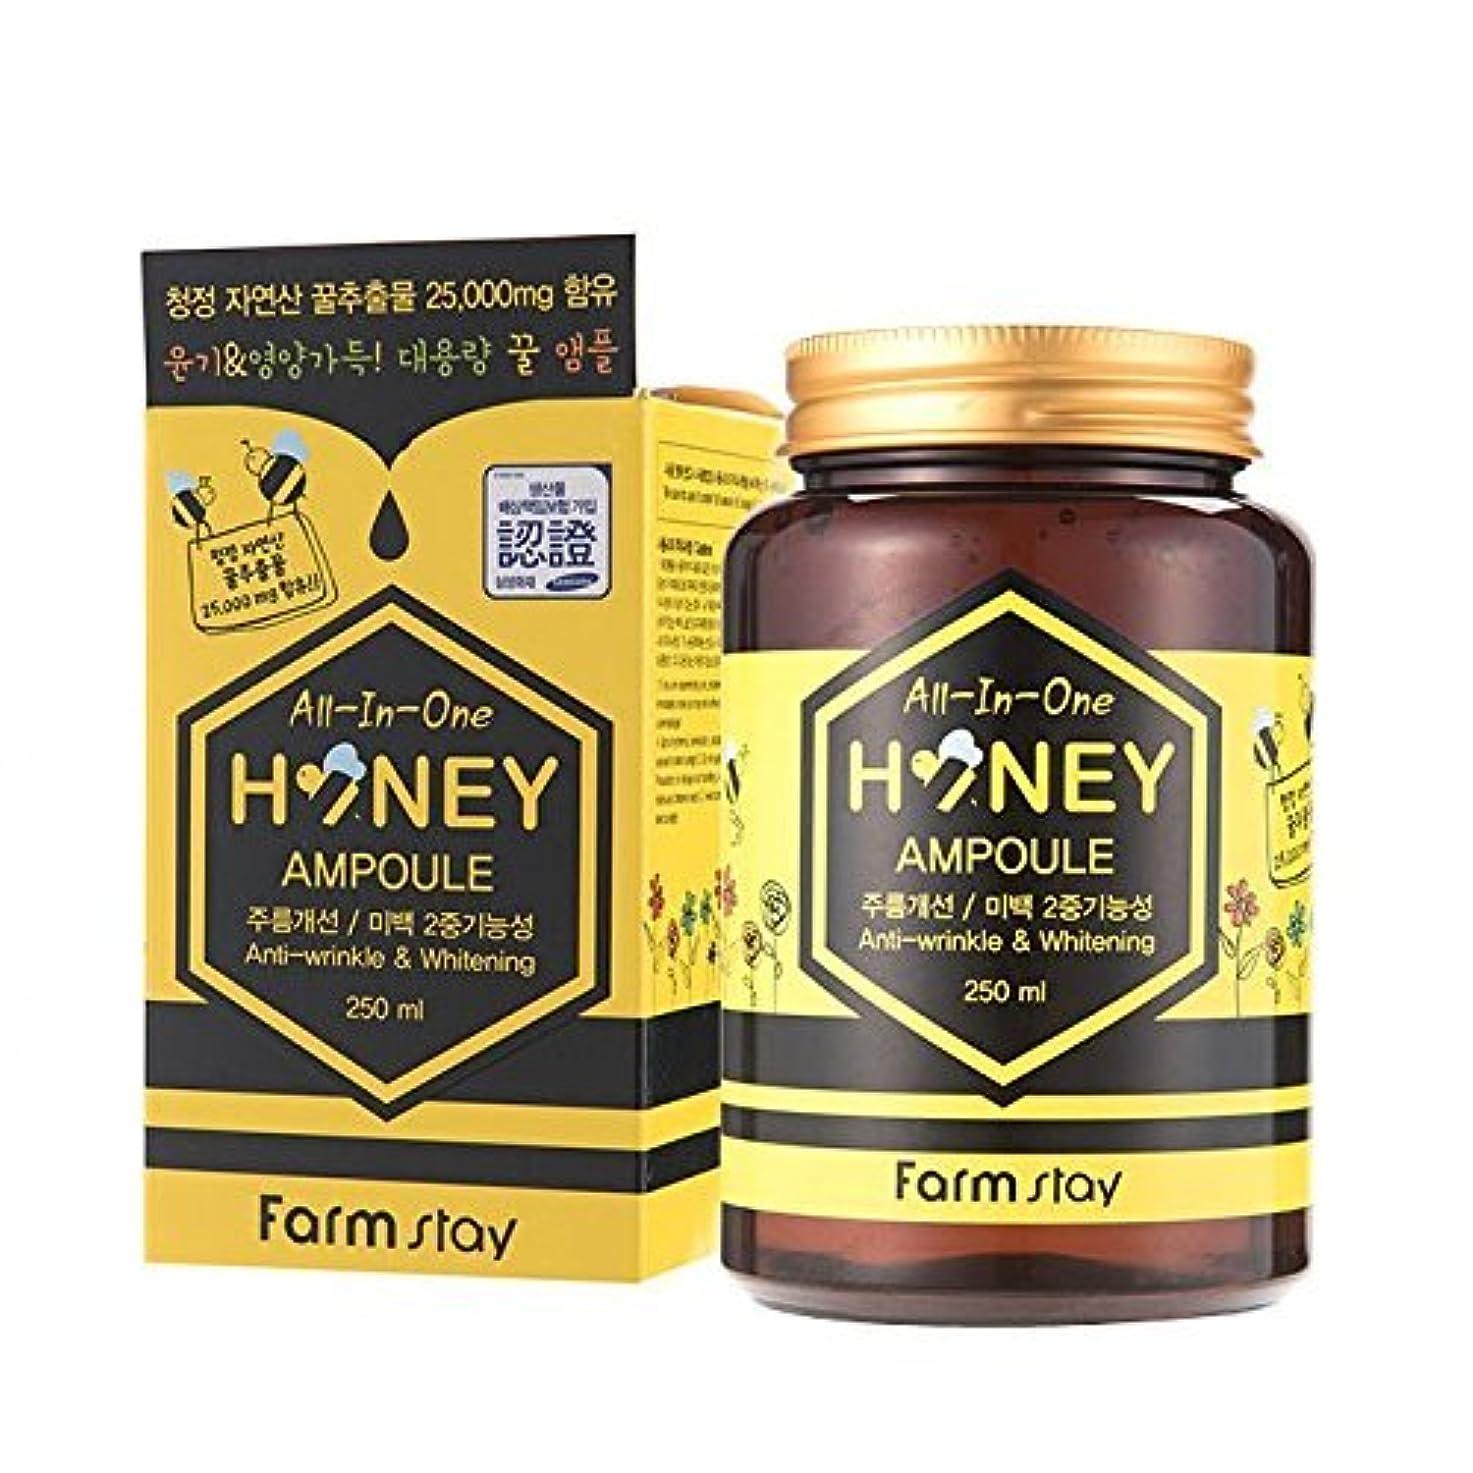 着陸ボール報いるファームステイ[韓国コスメFarm Stay]All In One Honey Ampoule オールインワンハニーアンプル250ml/ローヤルゼリー、プロポリス [並行輸入品]